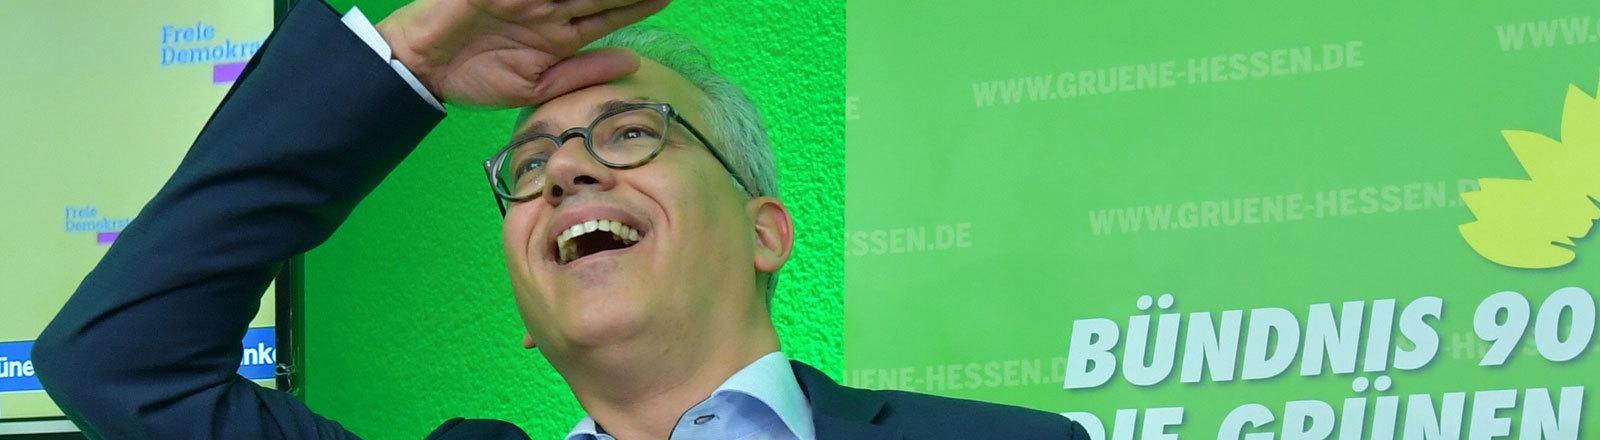 Tarek Al-Wazir (Bündnis90/Die Grünen), Spitzenkandidat und Minister für Wirtschaft, Energie, Verkehr und Landesentwicklung in Hessen, freut sich auf der Wahlparty nach Bekanntgabe der Hochrechnungen zur Landtagswahl.